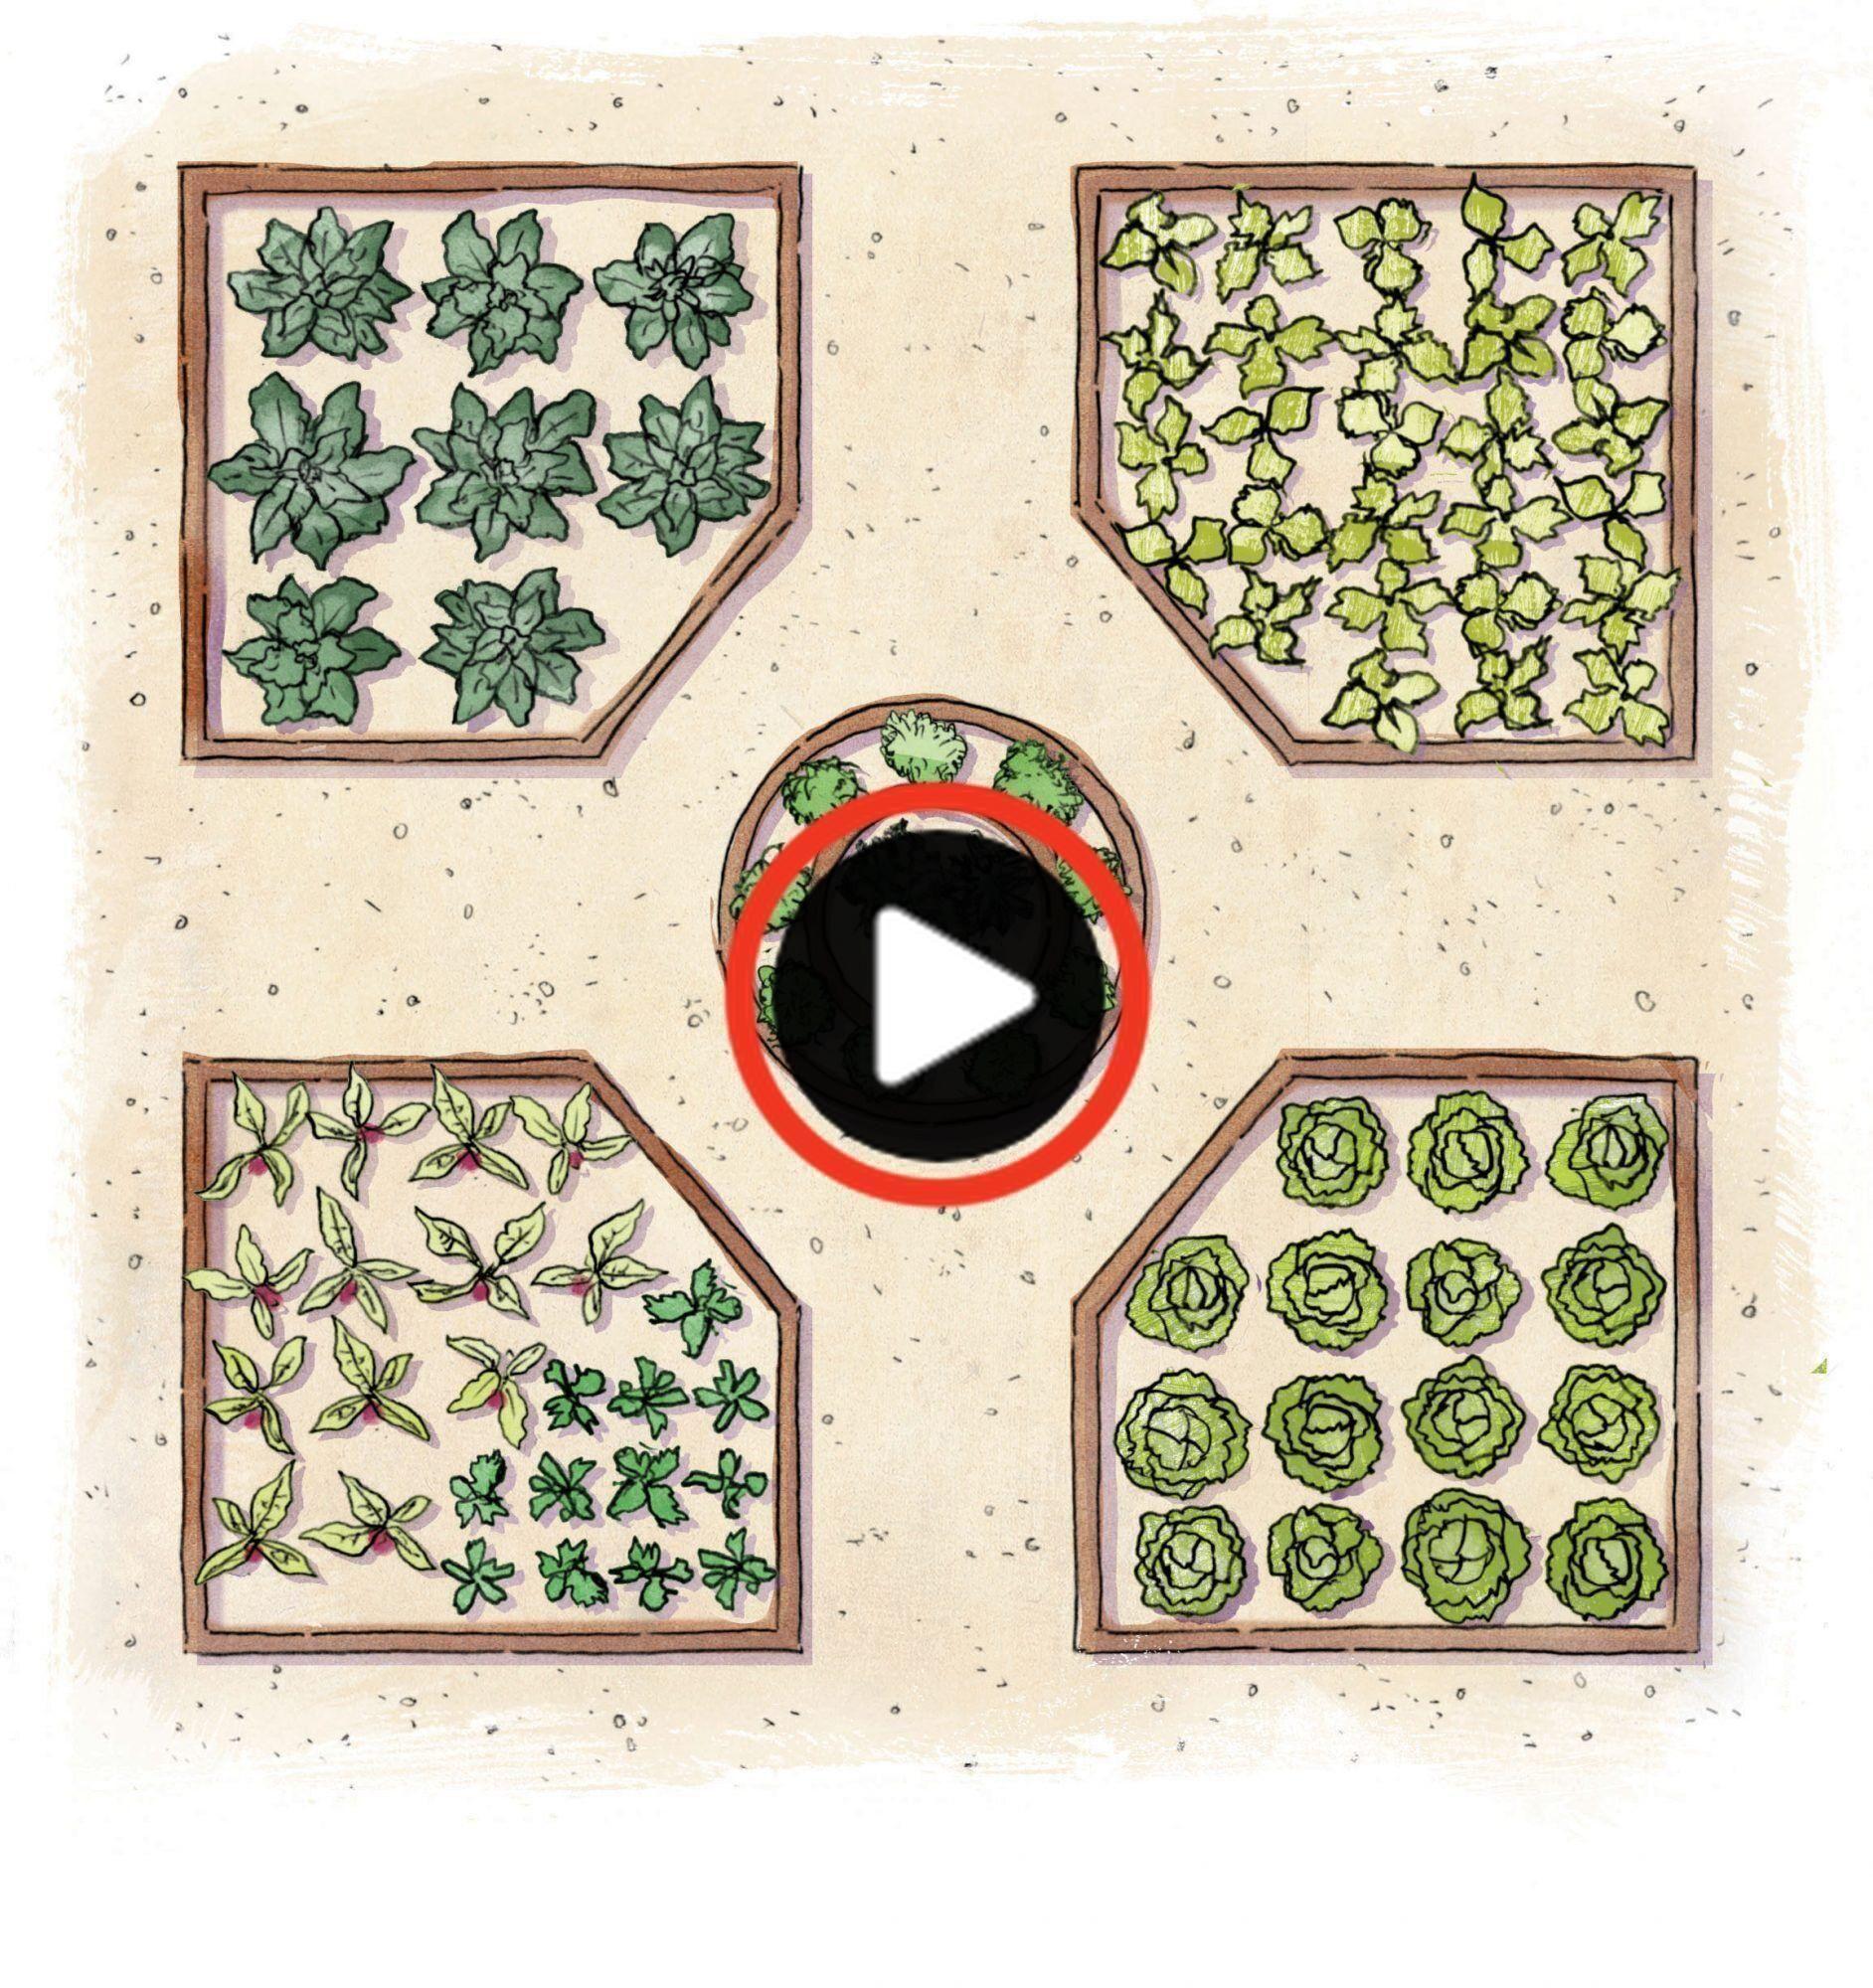 Essbare Garten Essbaren Garten 23163 50914 Edible Layout Edible Garden The Garten Edible Garden Garden Layout Vegetable Garden Design